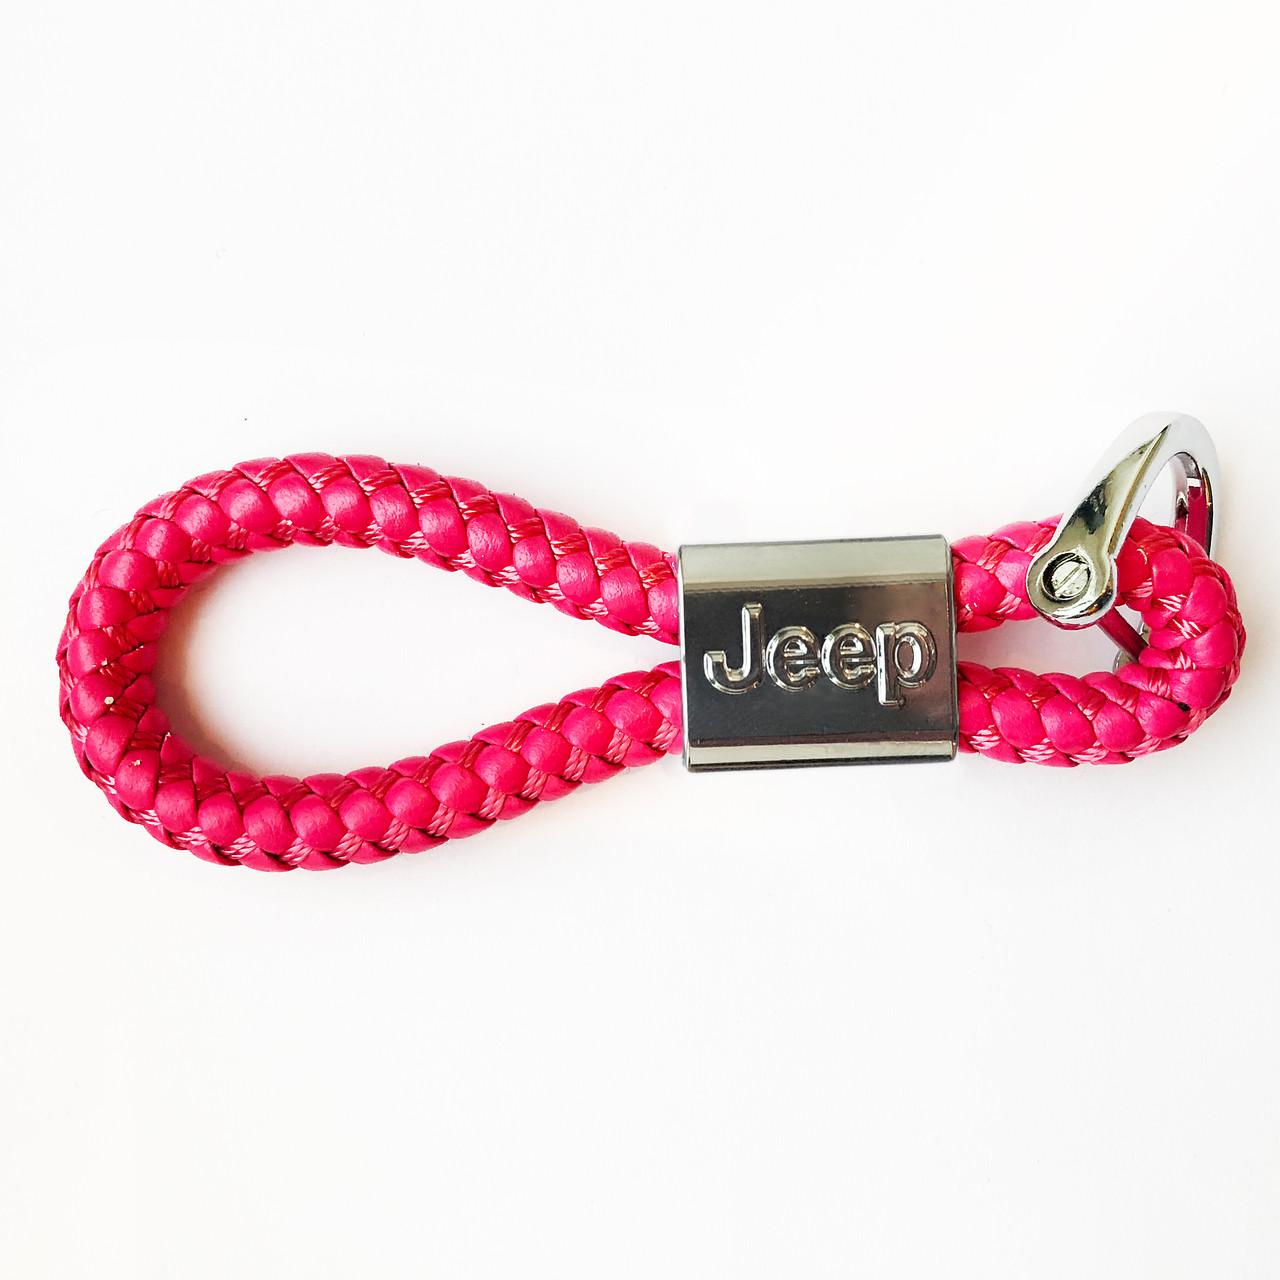 Кожаный брелок Luxury для Jeep Розовый (kb-275-pik-n-Jeep)